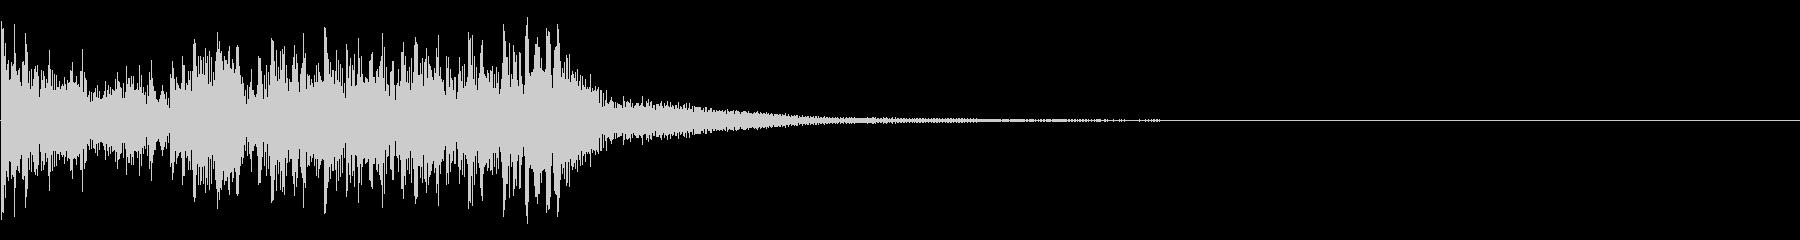 ティンパニ:ファンファーレロール、...の未再生の波形